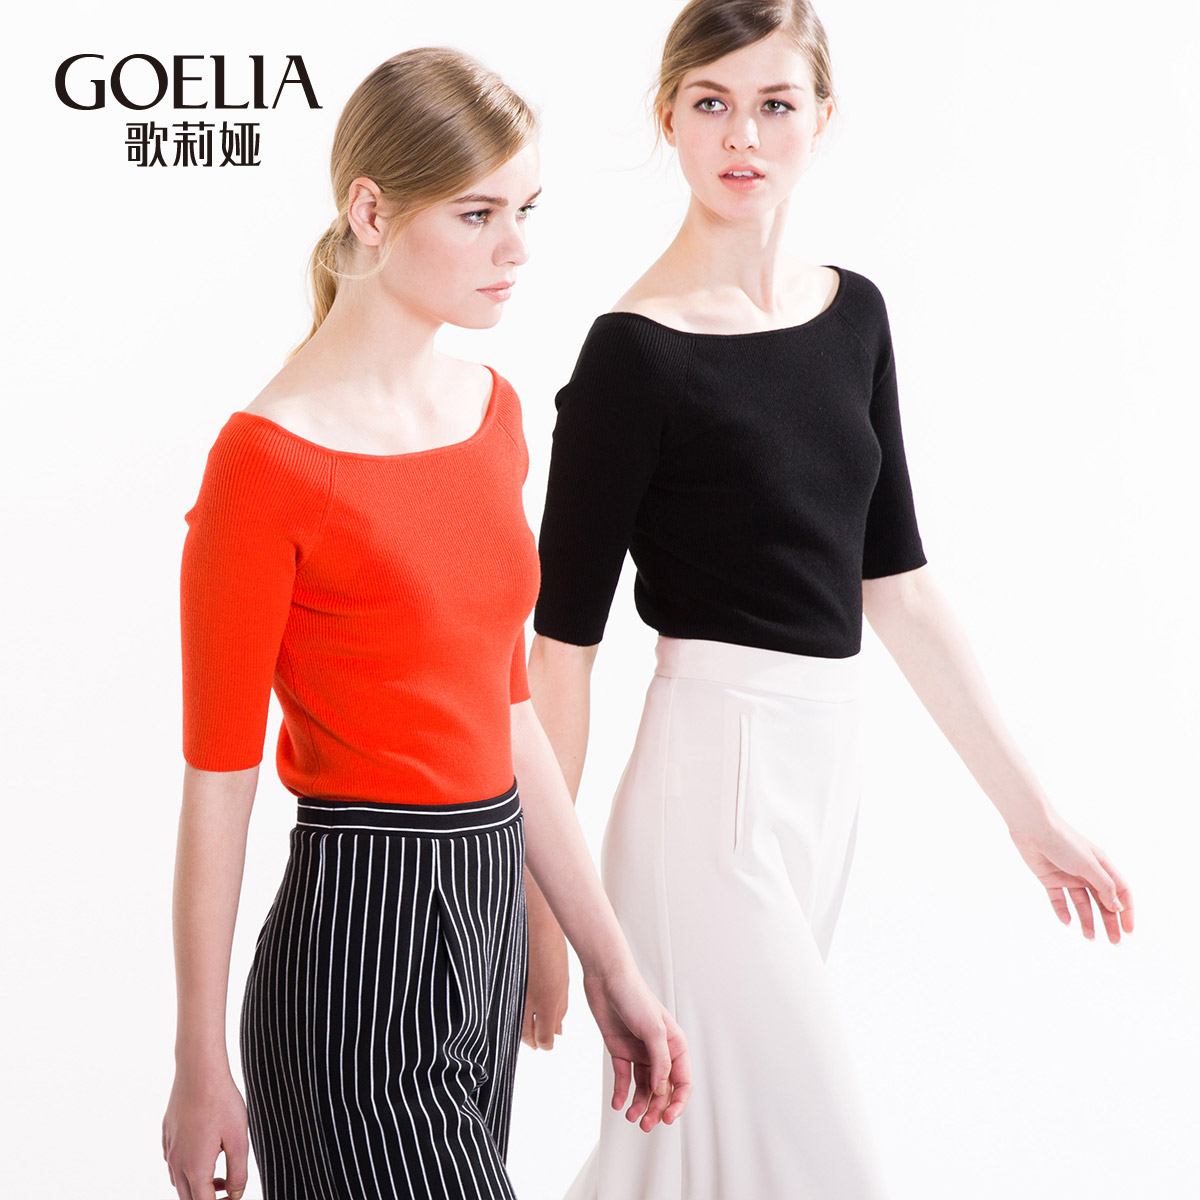 歌莉娅女装 歌莉娅女装 2016新品一字领毛衣女露肩百搭修身款163J5G010_推荐淘宝好看的歌莉娅